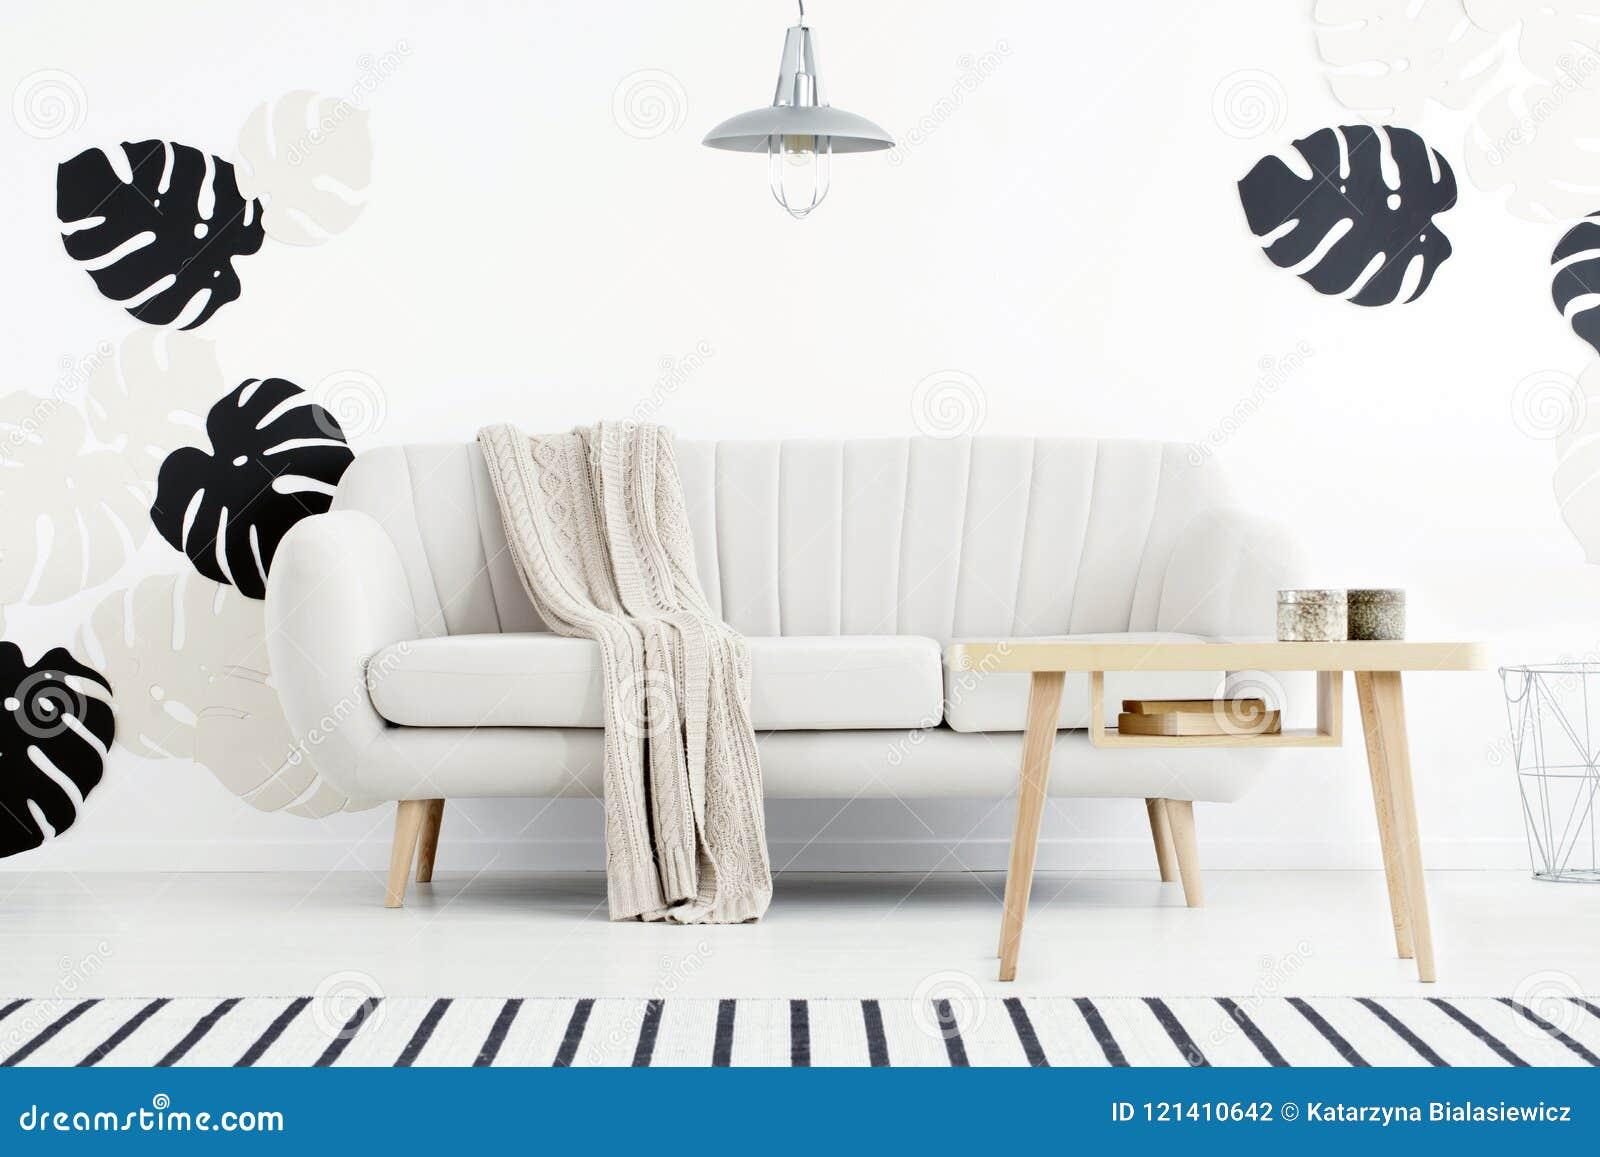 Dimensioni Tappeto Davanti Al Divano tavola di legno davanti al divano con la coperta in inter